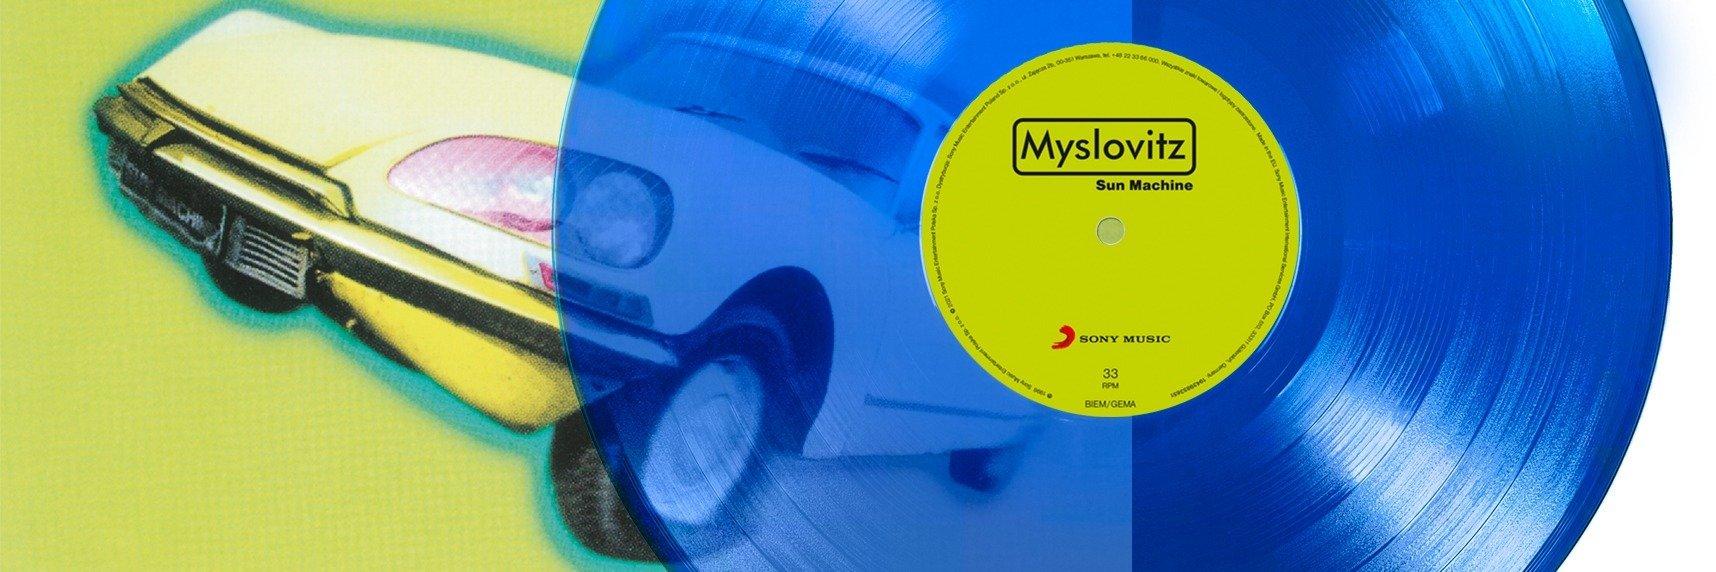 """Kolekcjonerska edycja albumu Myslovitz – """"Sun Machine"""" na niebieskim winylu!"""